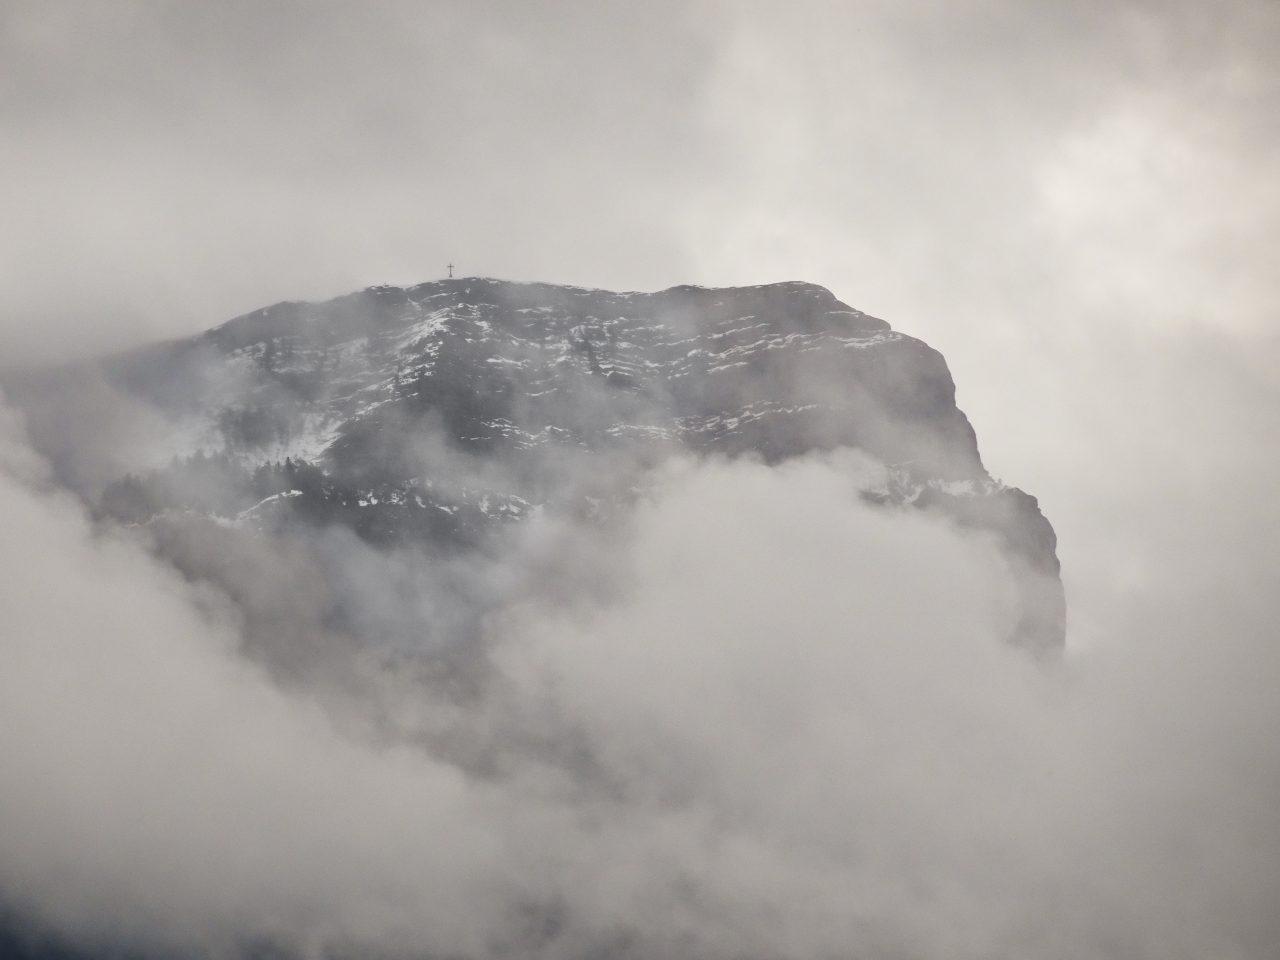 La cruz entre las nubes